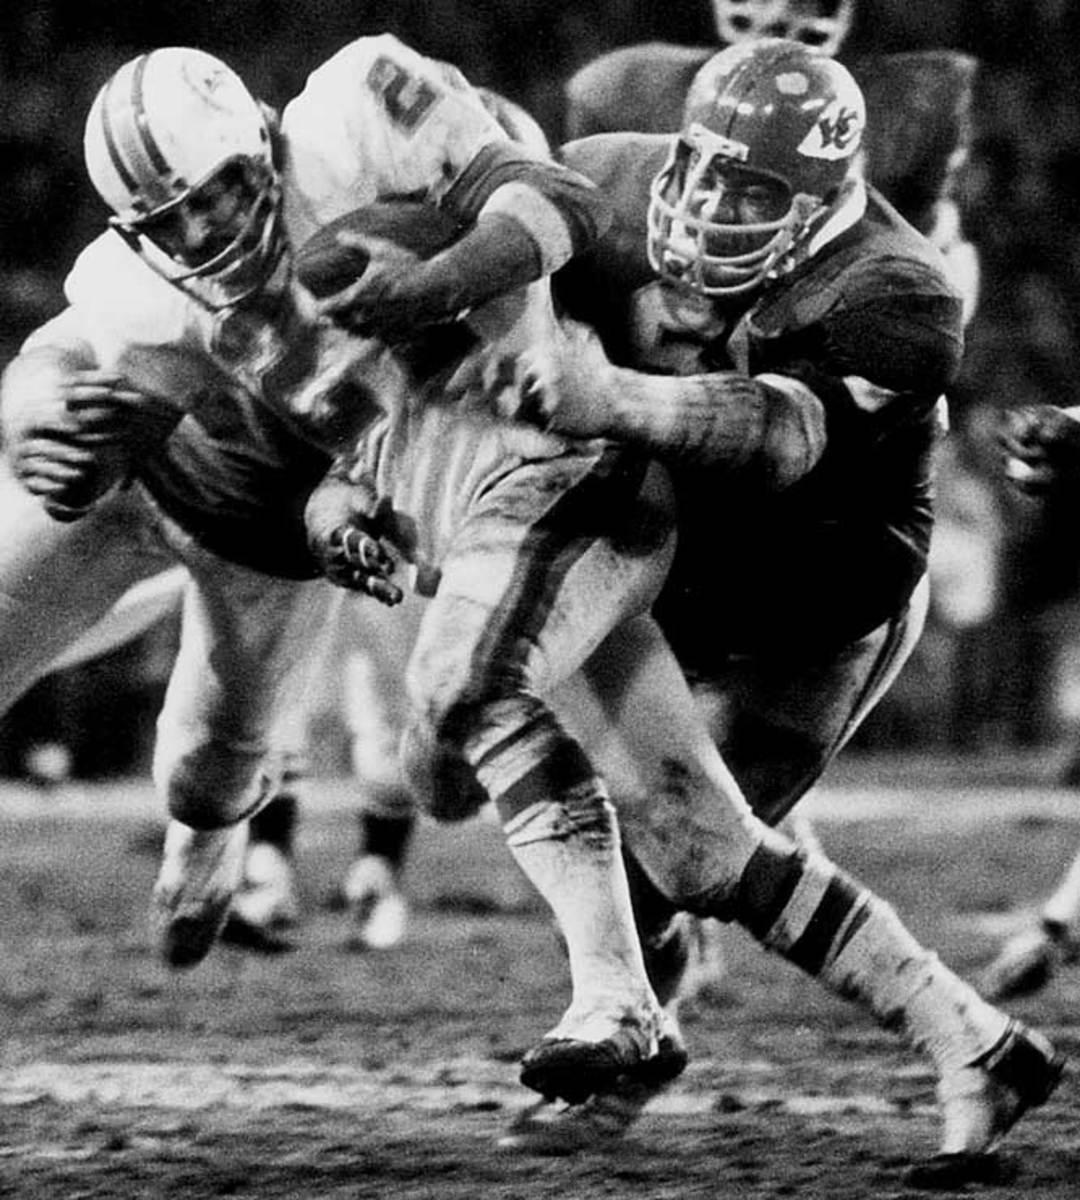 Willie Lanier, Linebacker